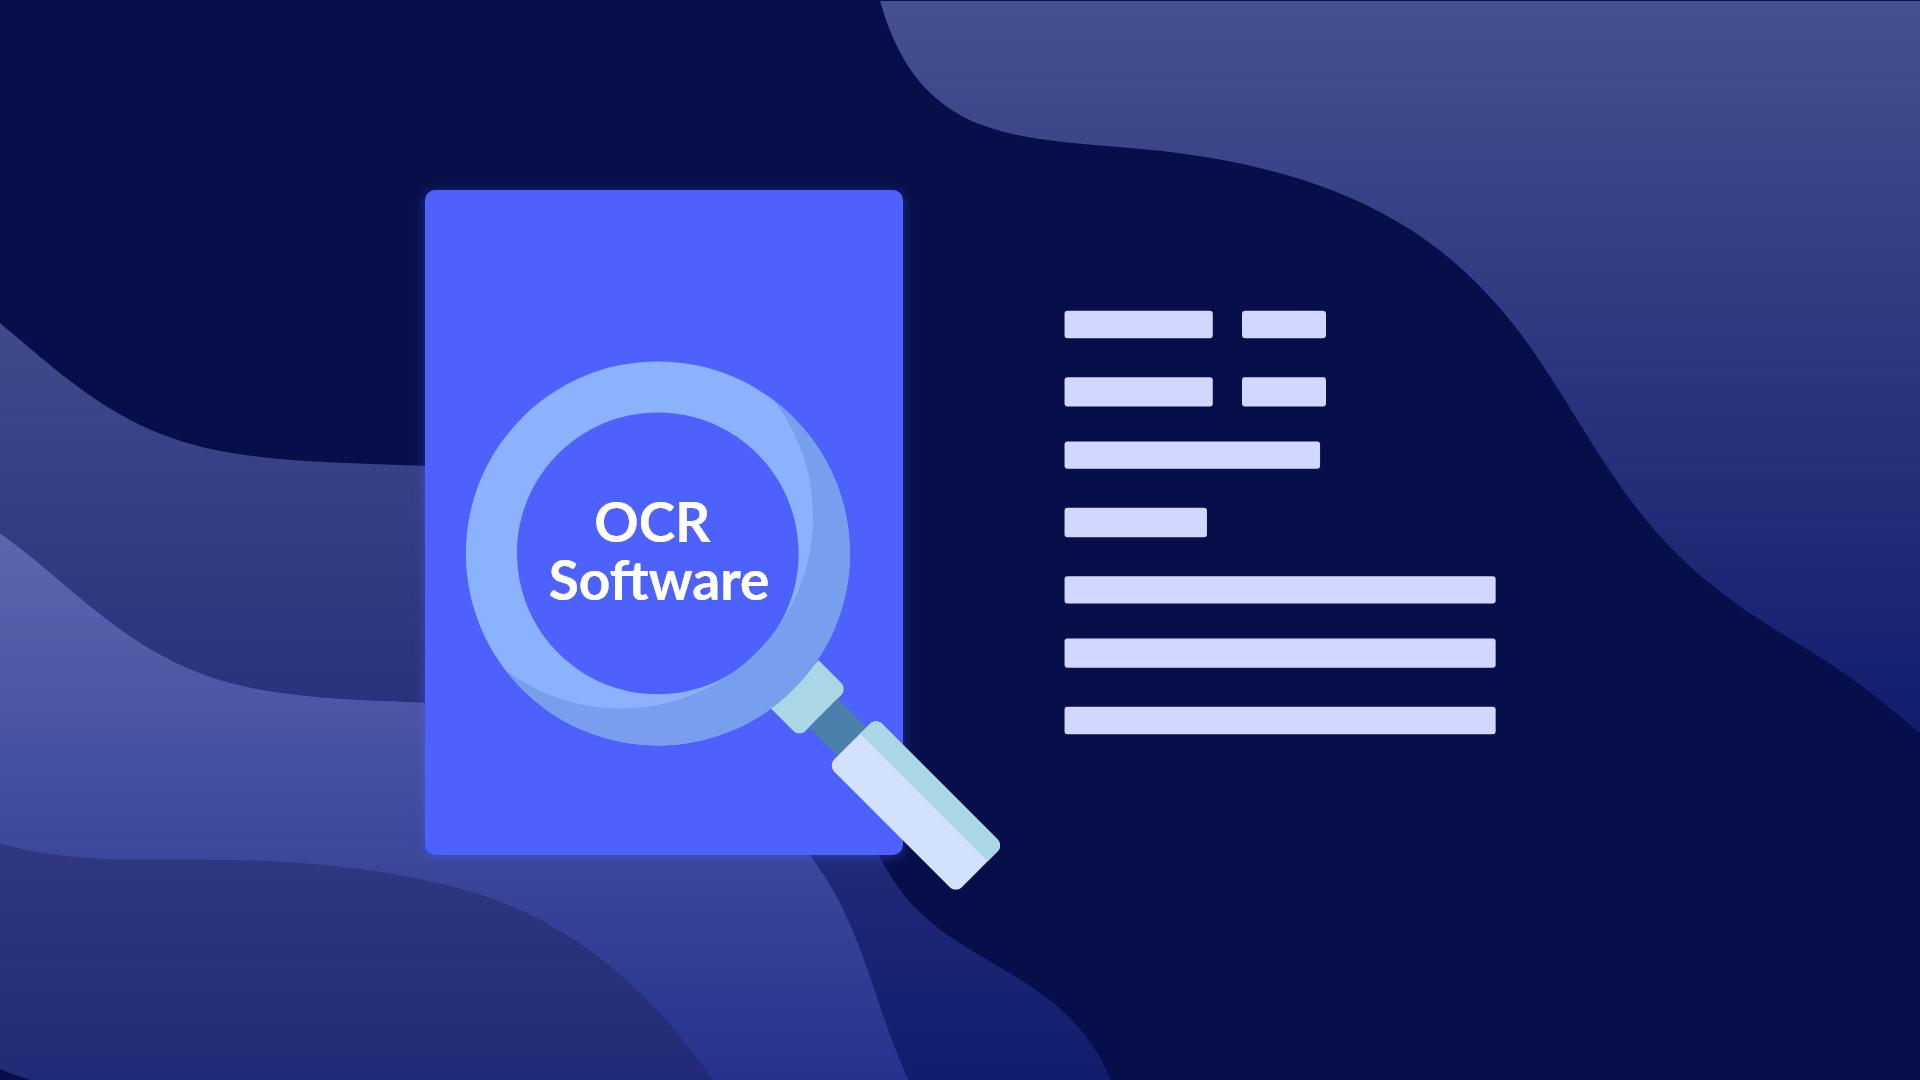 OCR Illustrations